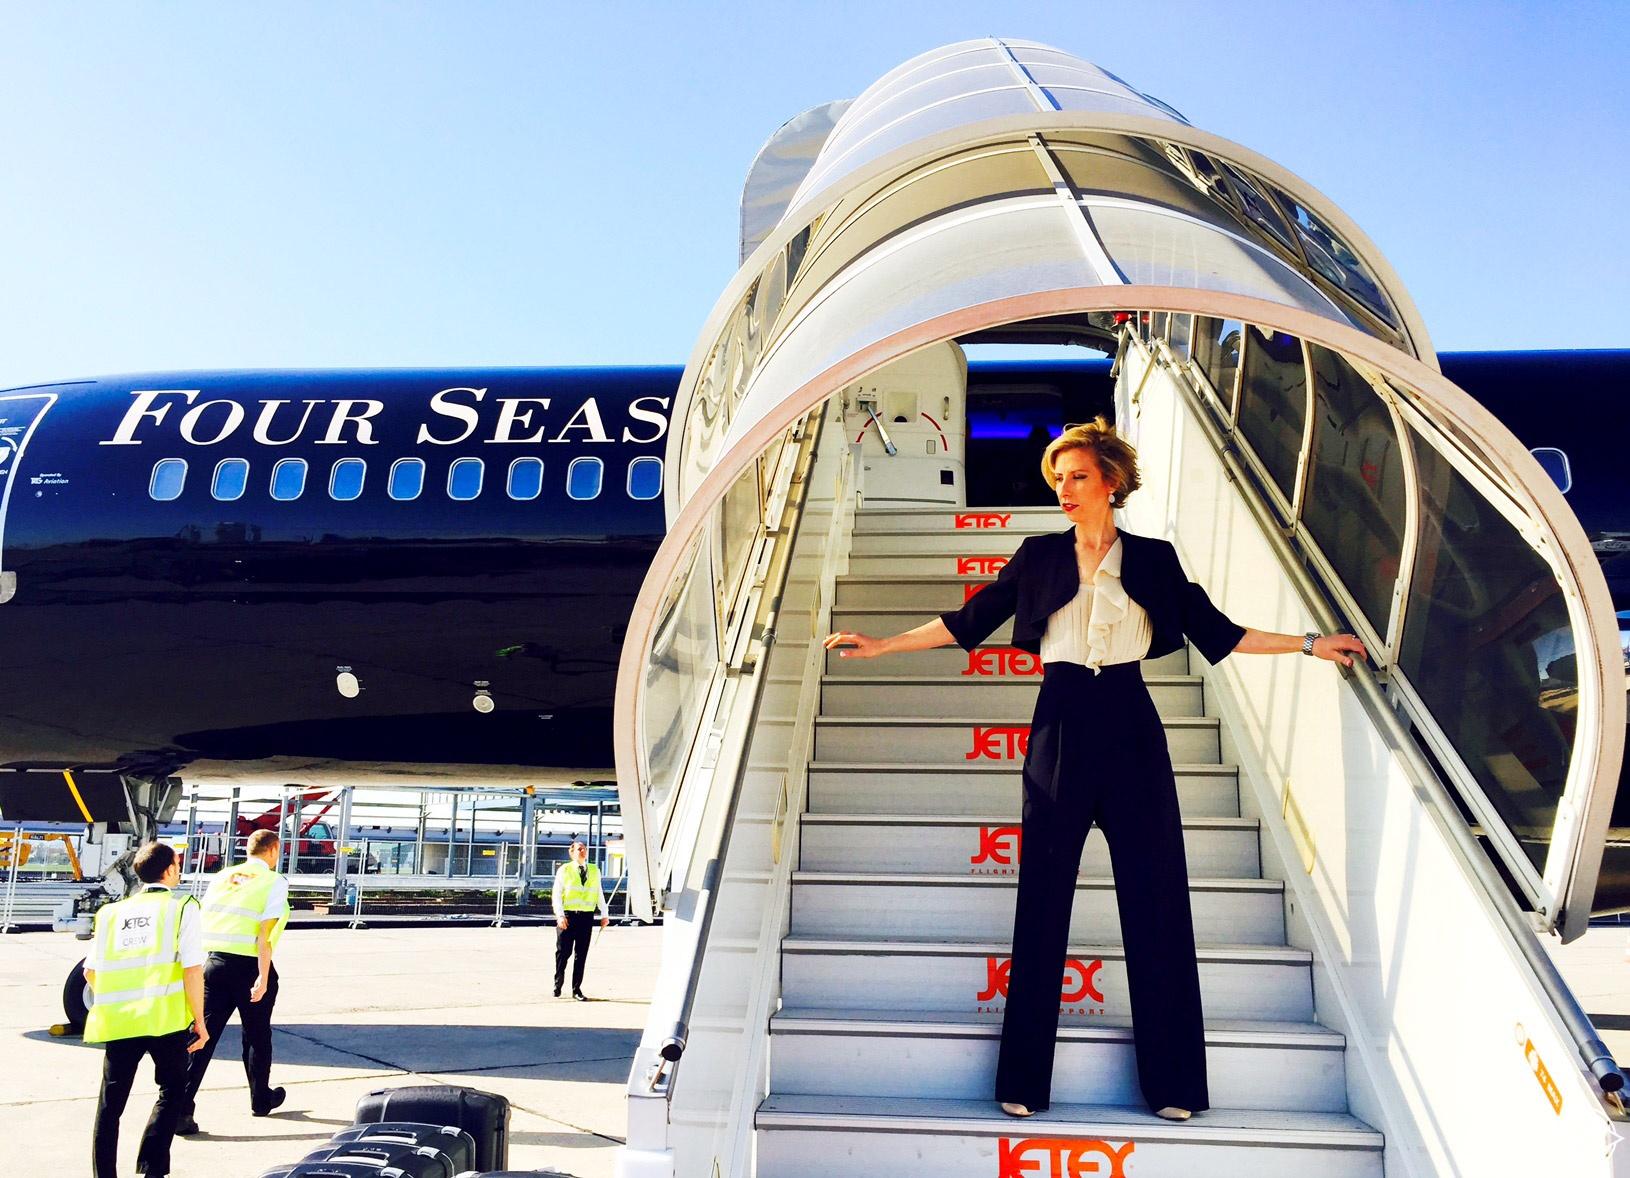 فنادق فورسيزونز تكشف عن أول طائرة فندقية